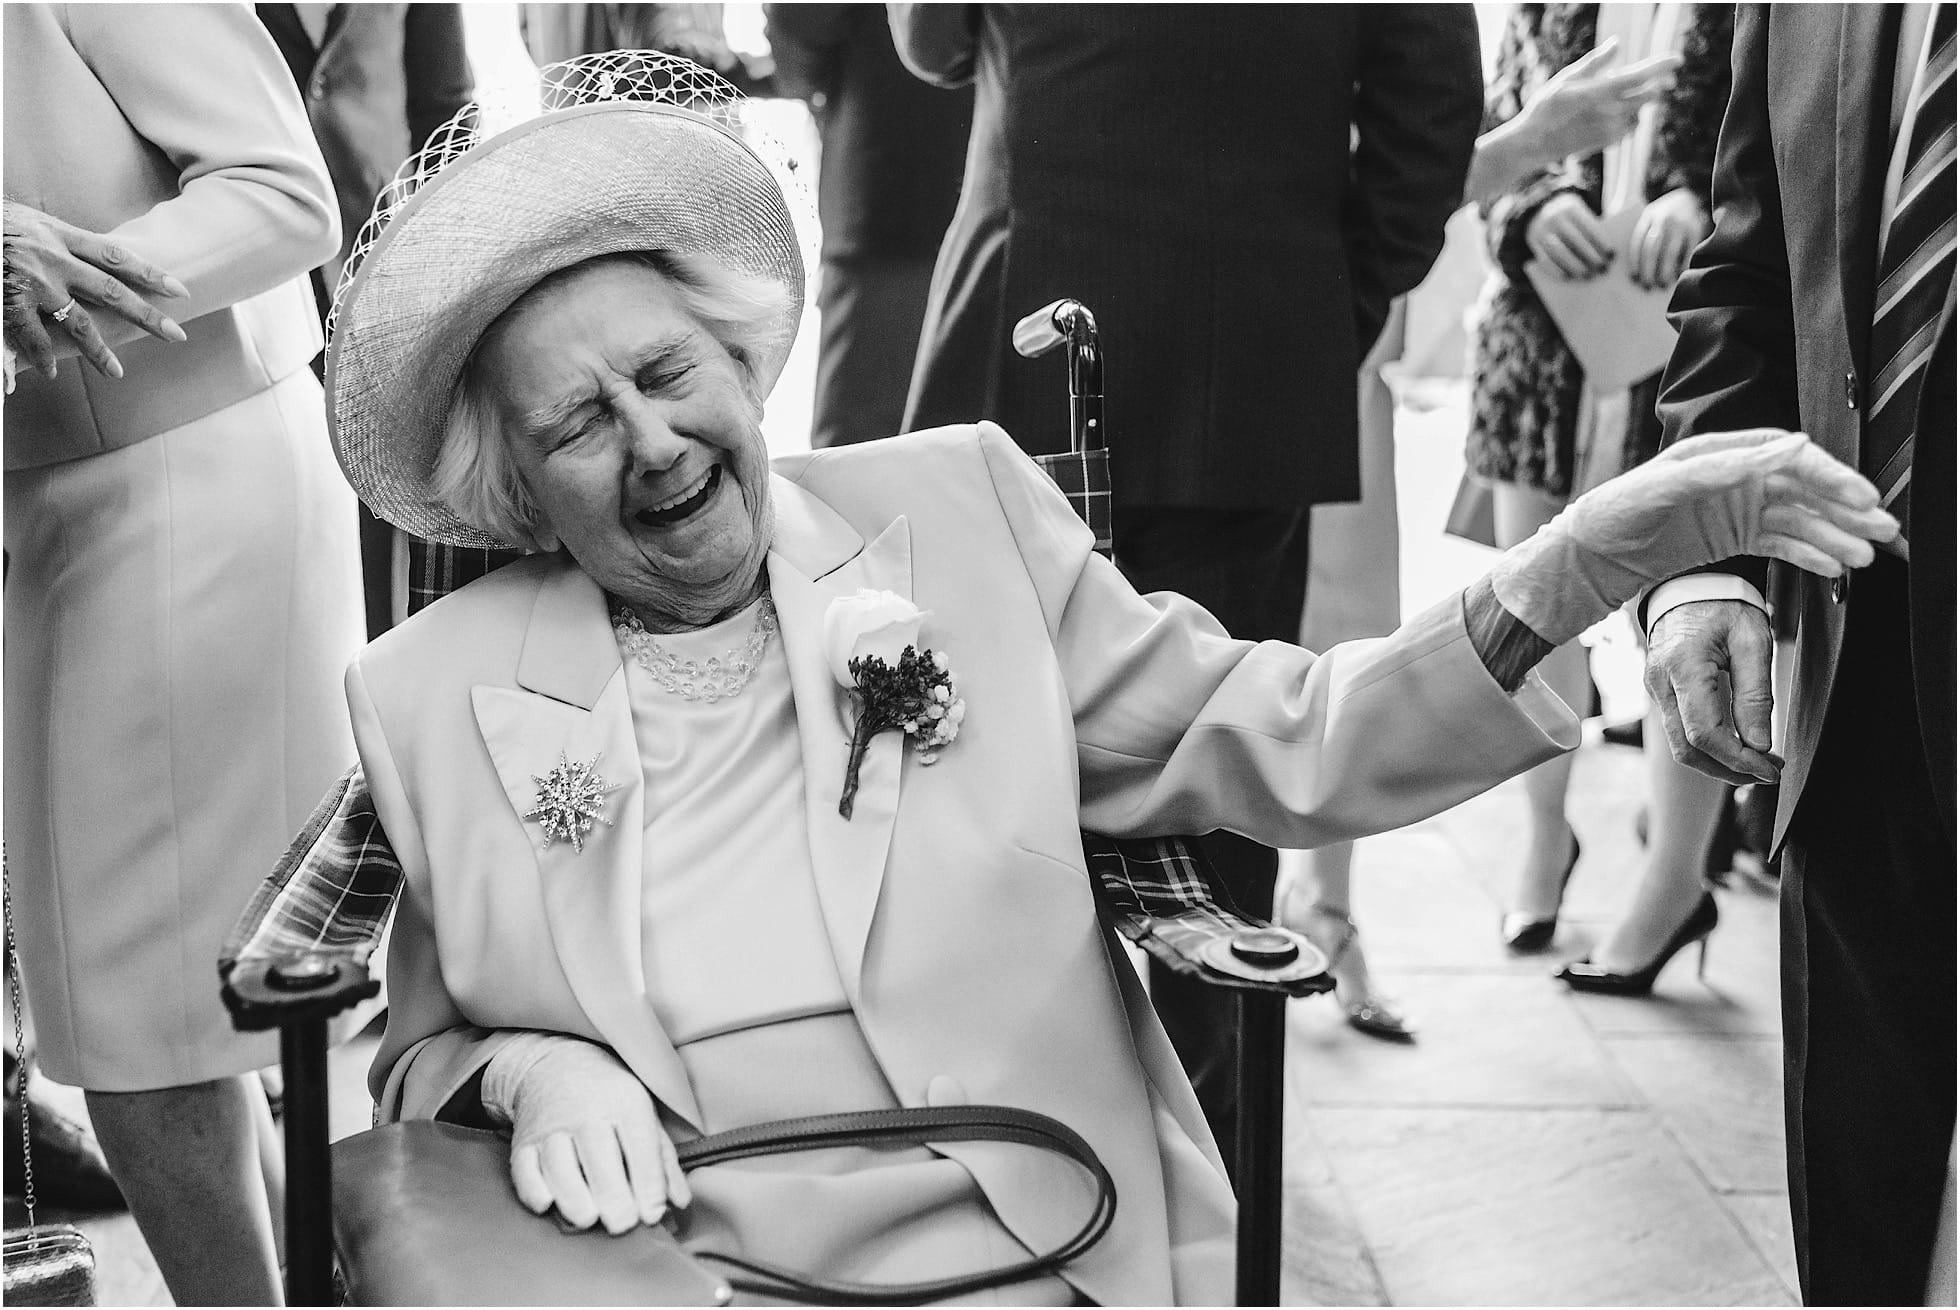 Grandma laughing